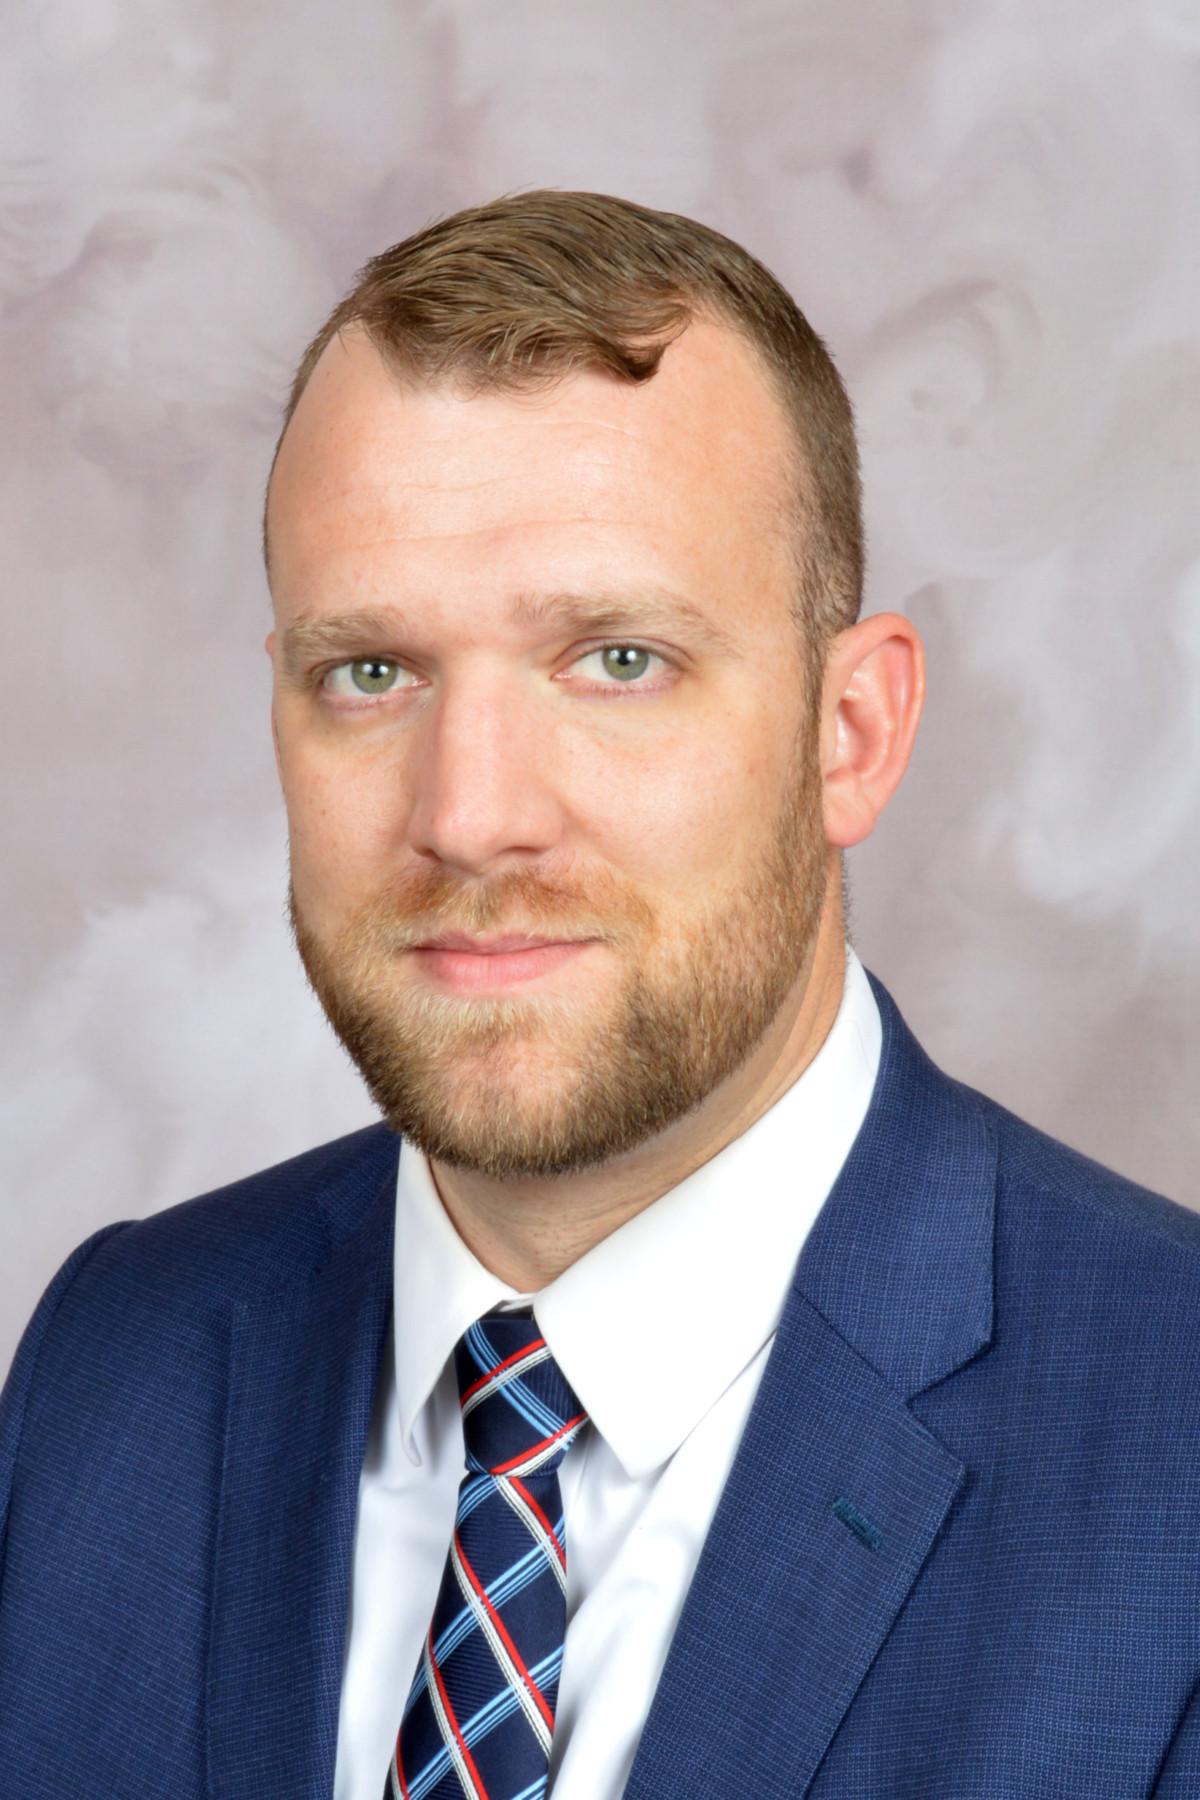 Johnathan Seltenreich